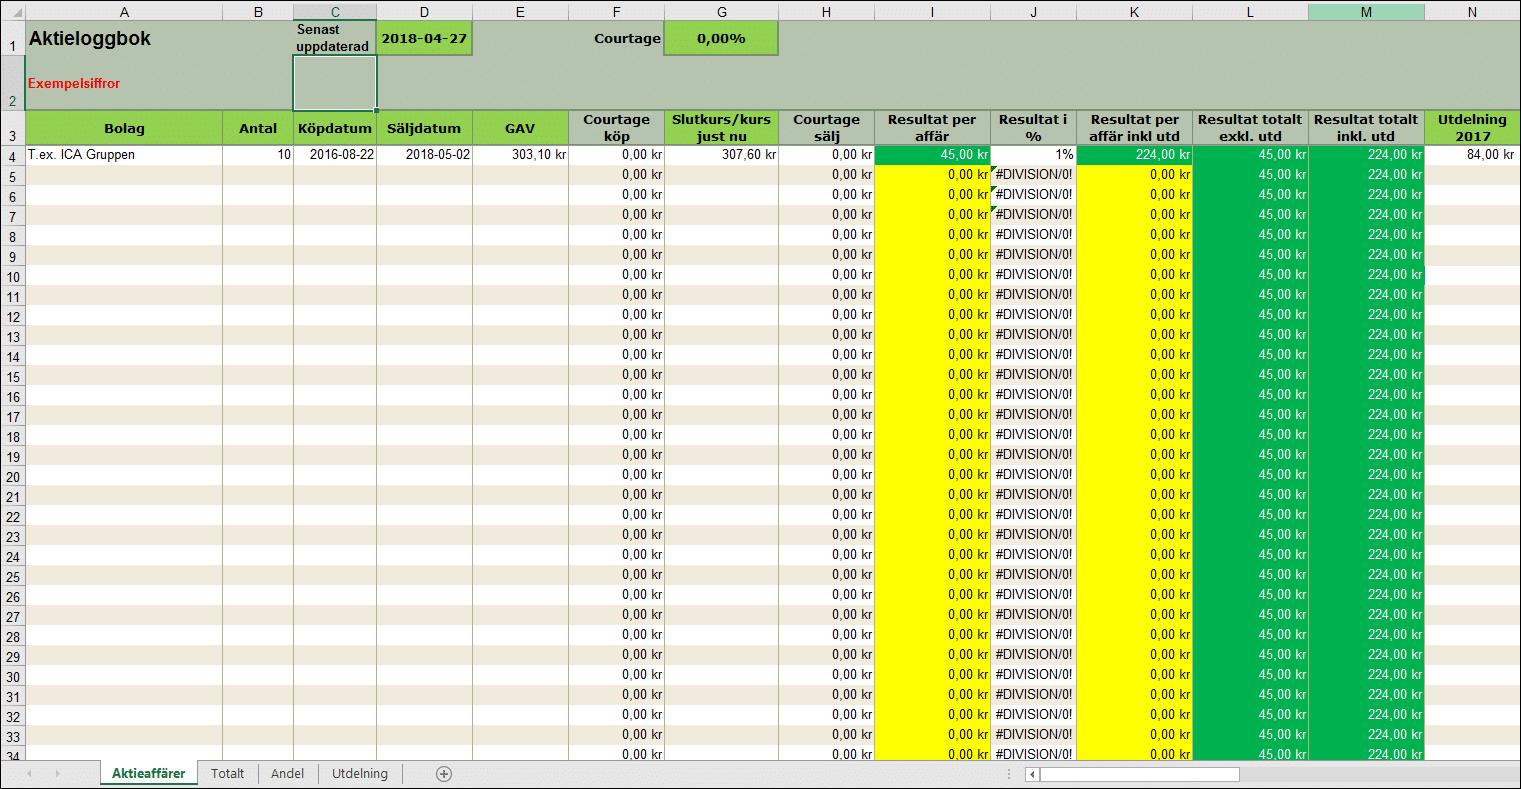 Excel porr återhämtning